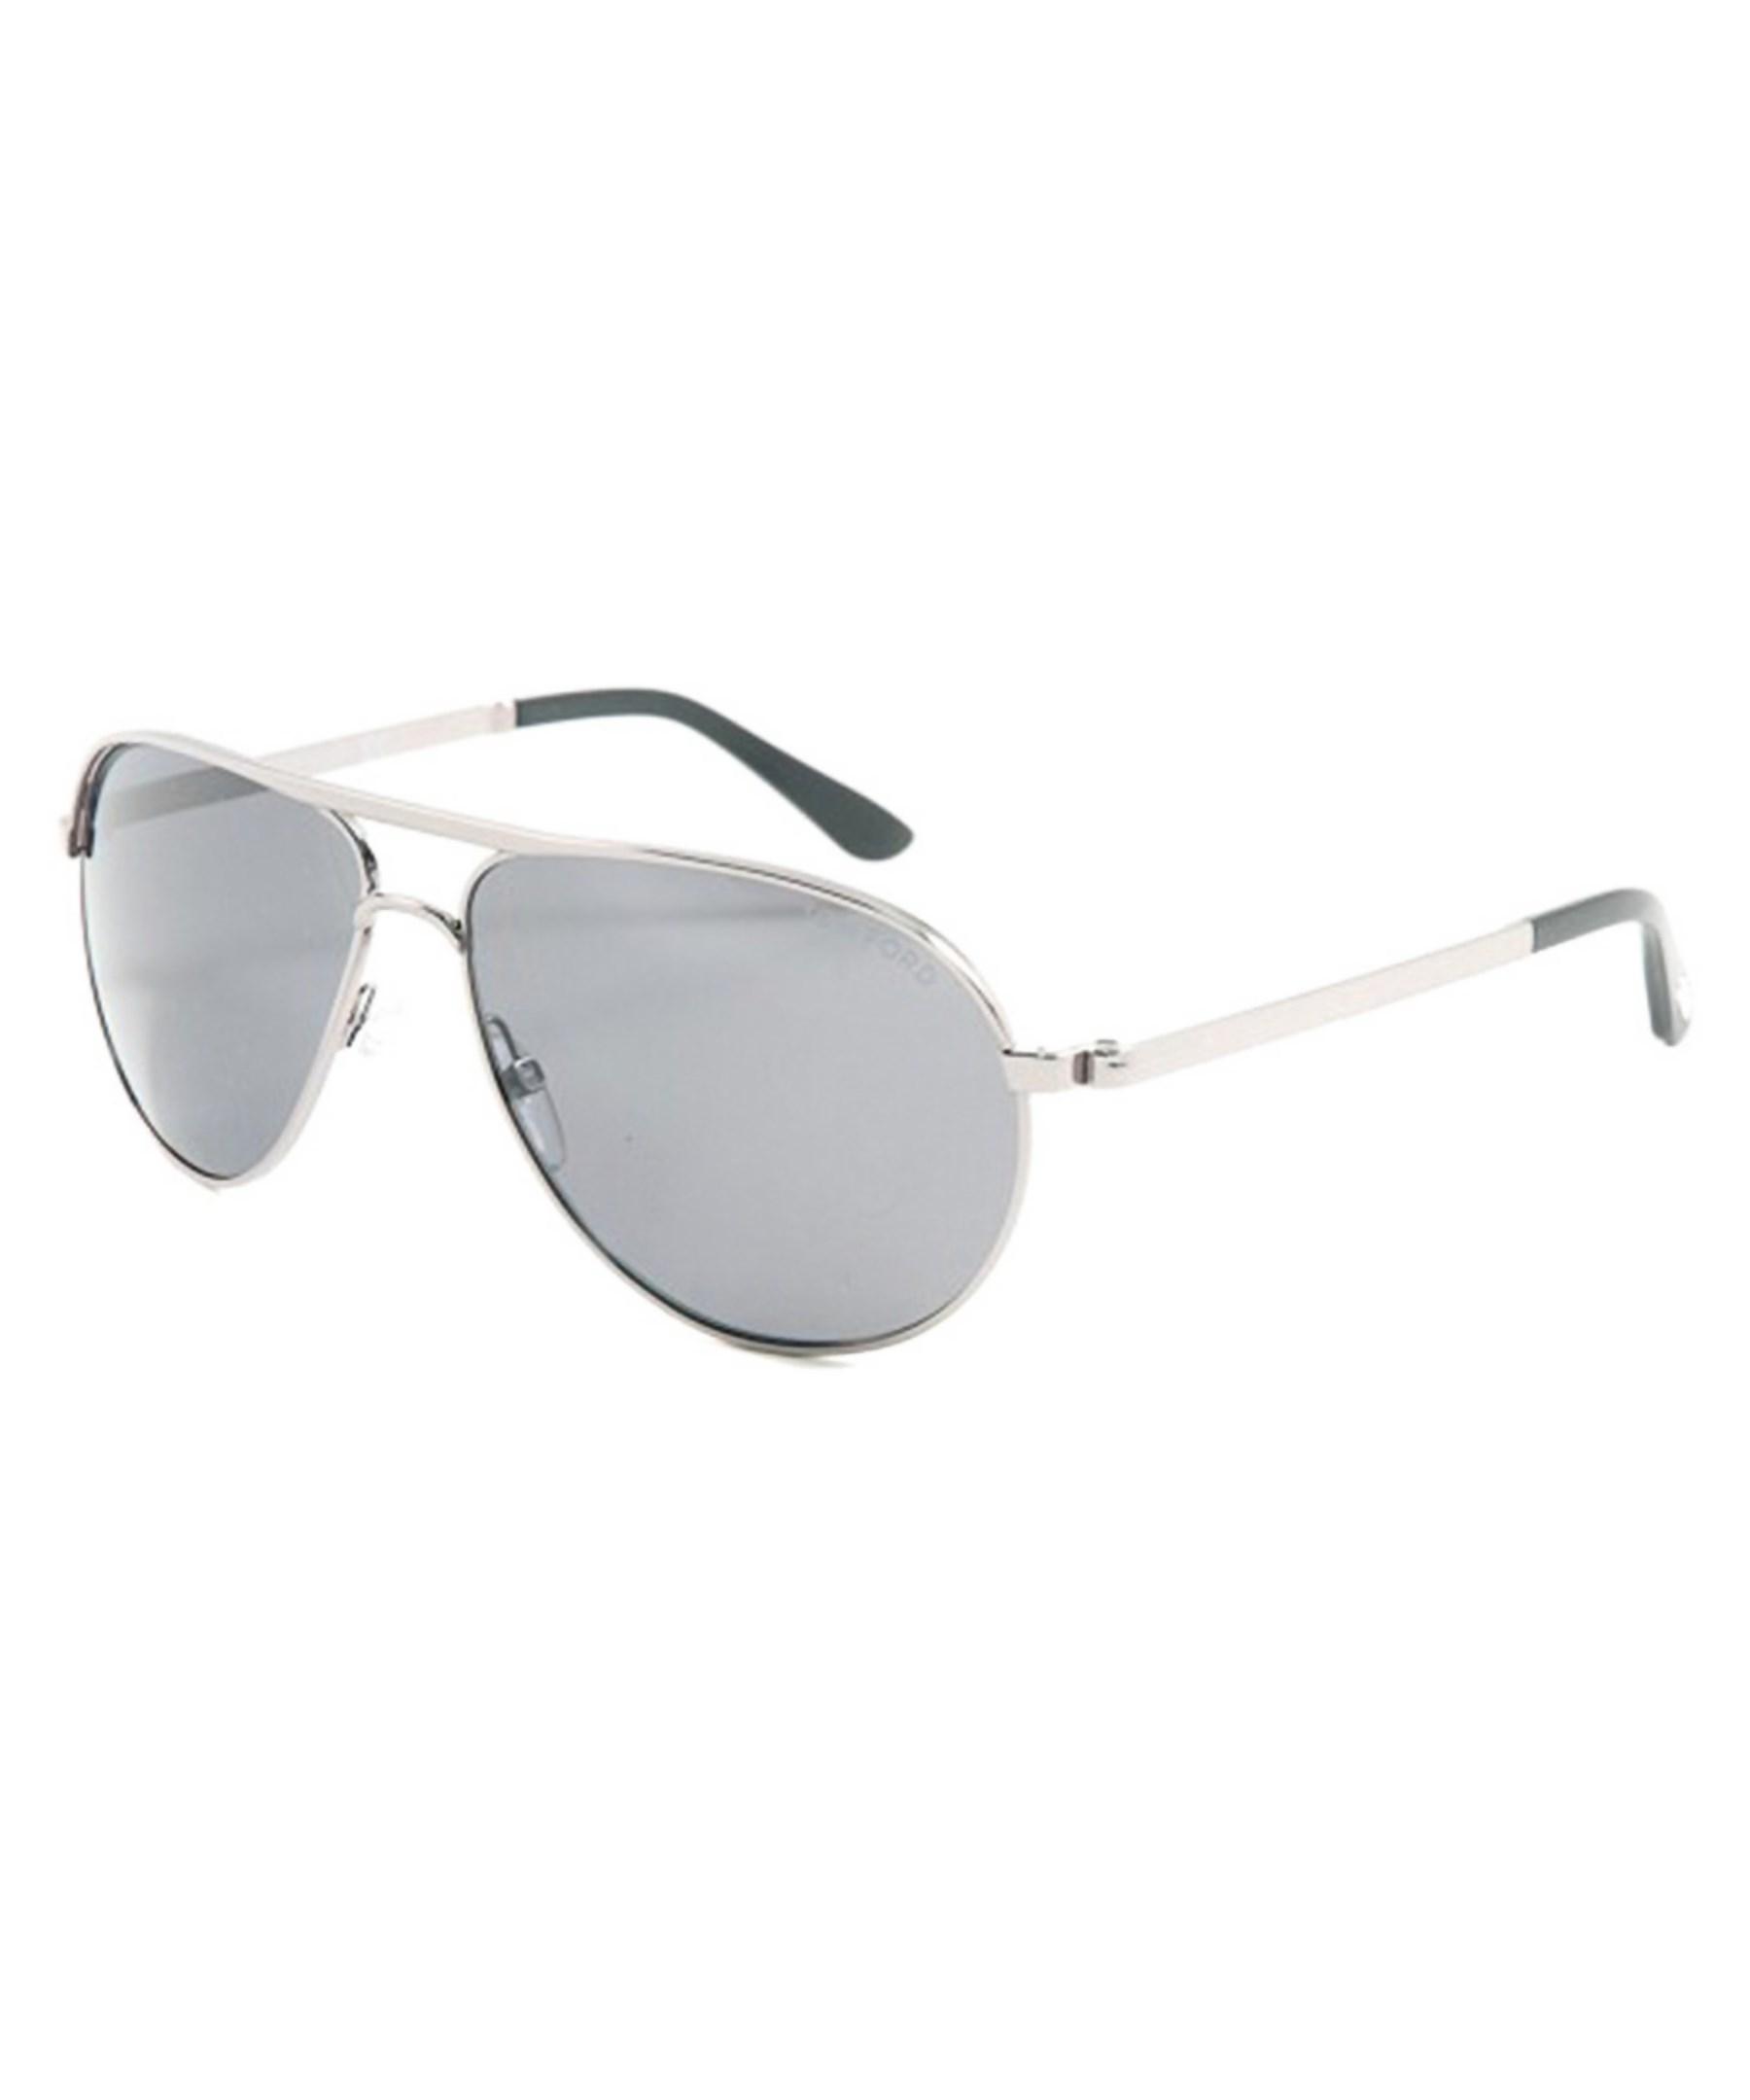 Tom Ford Unisex Marko Sunglasses In Metallic For Men